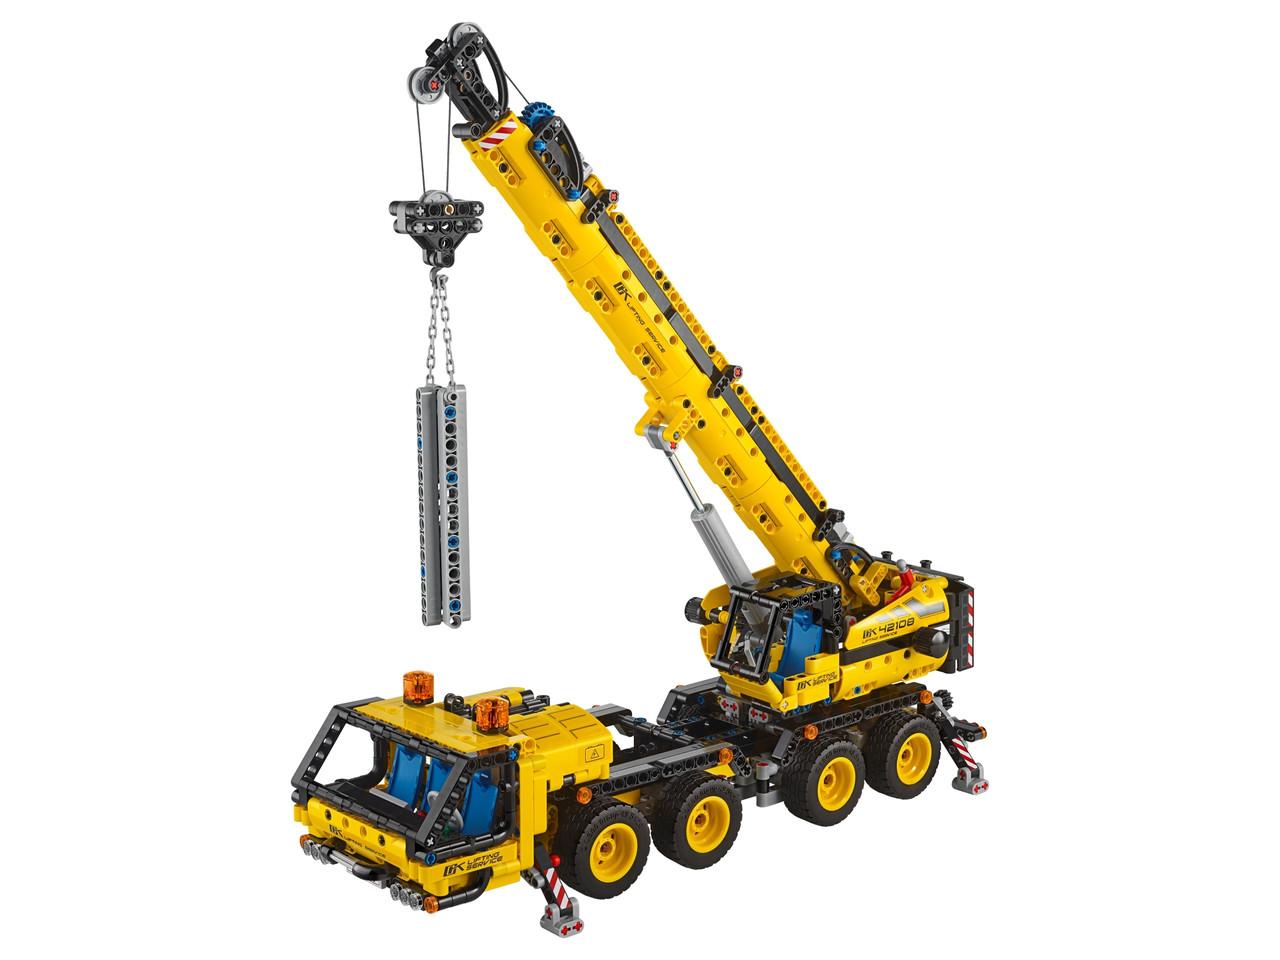 Конструктор LEGO Мобильный кран 1292 деталей (42108)